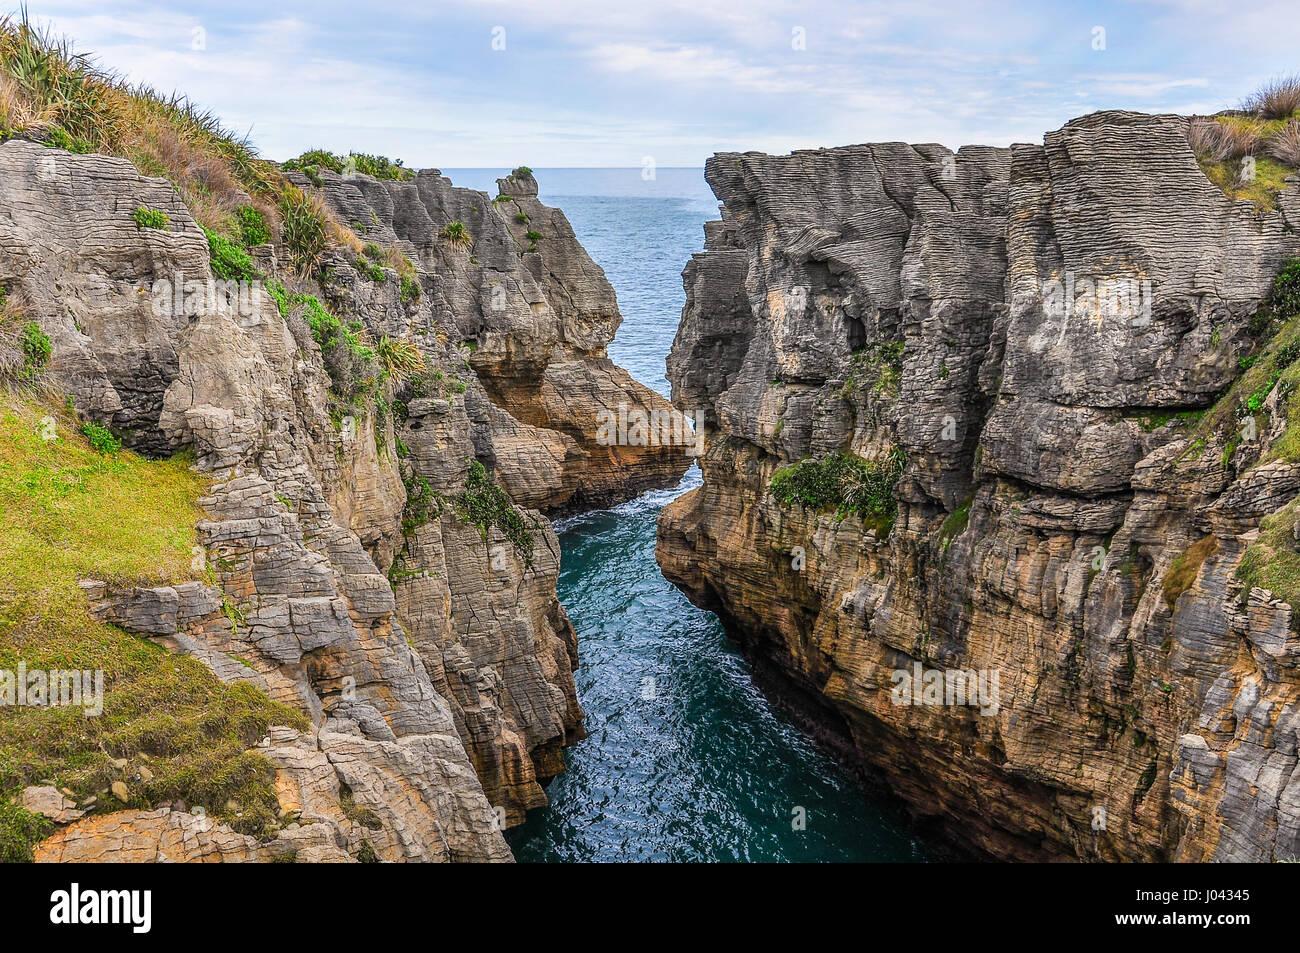 Pancake rocks in Punakaiki on the West Coast of New Zealand - Stock Image